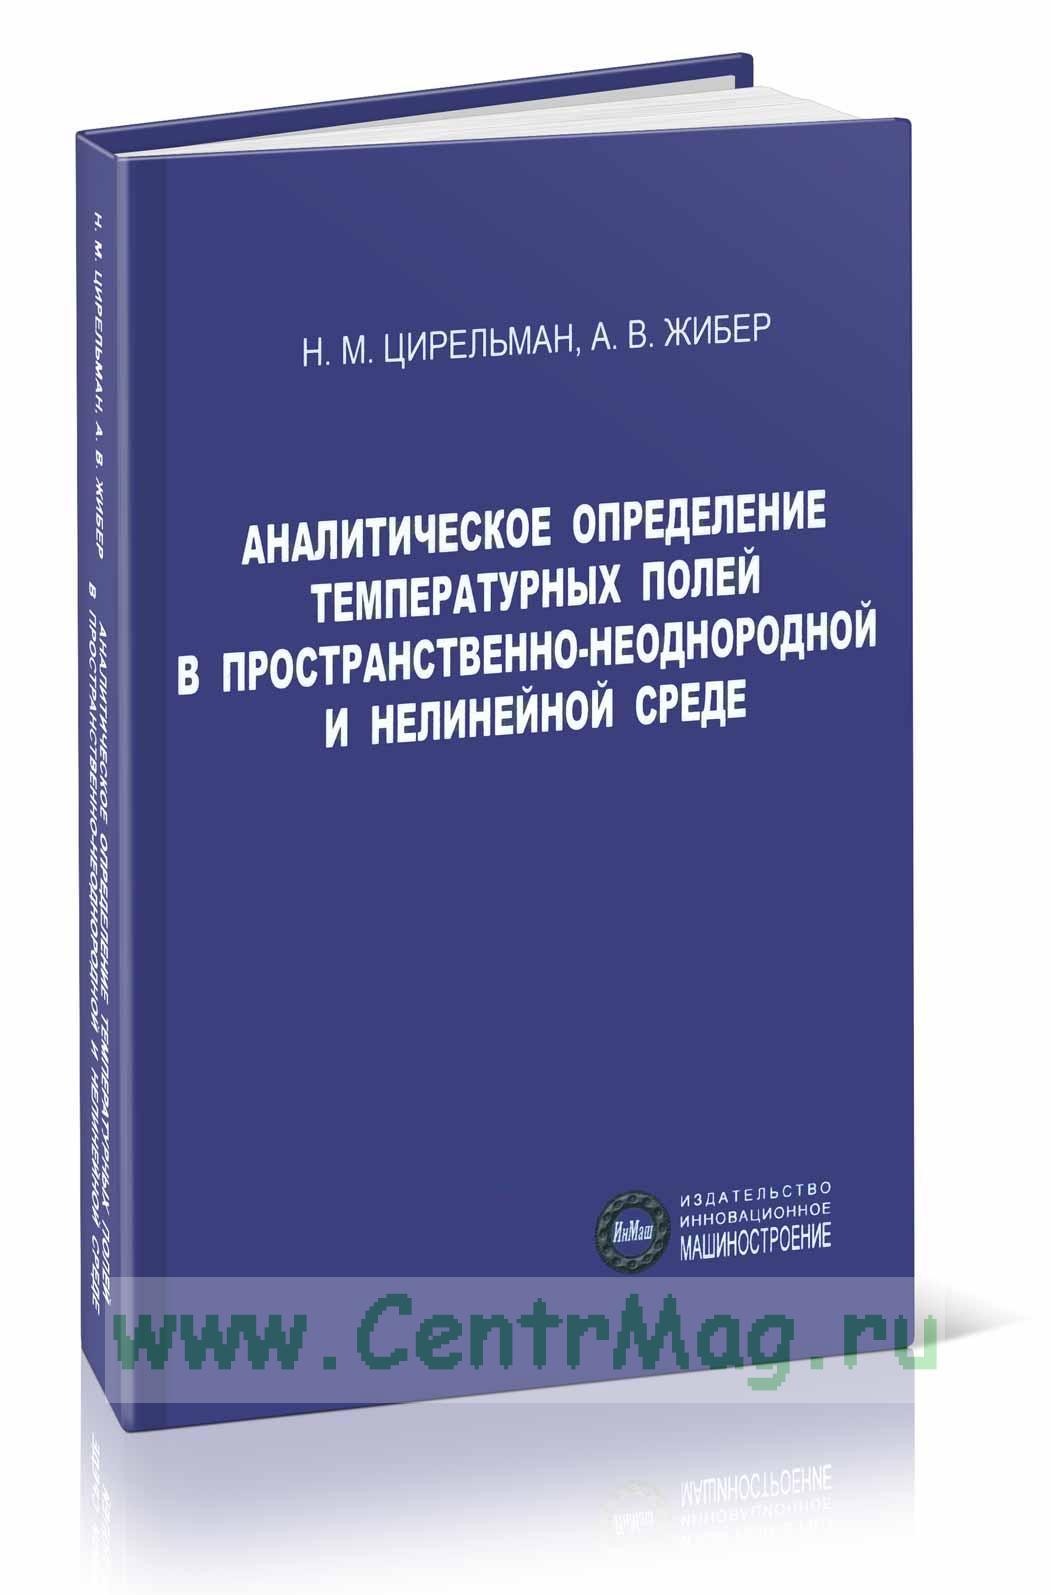 Аналитическое определение температурных полей в пространственно-неоднородной и нелинейной среде